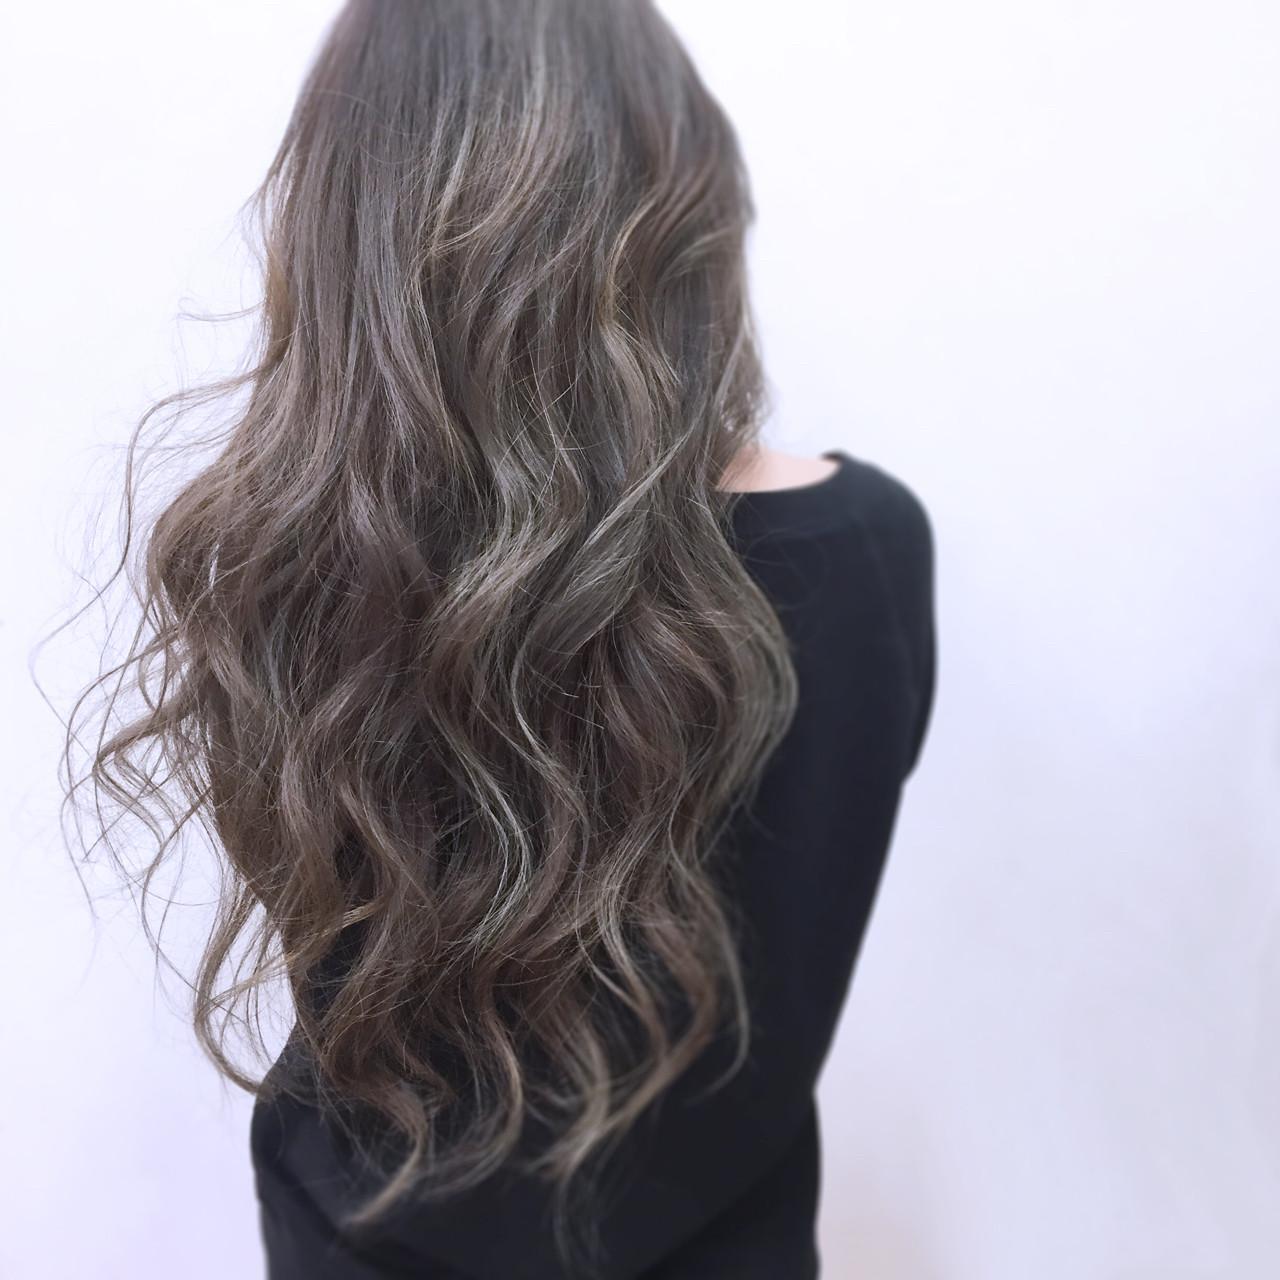 グレージュ ニュアンス ロング ハイライト ヘアスタイルや髪型の写真・画像 | YSO / 電髪倶楽部street